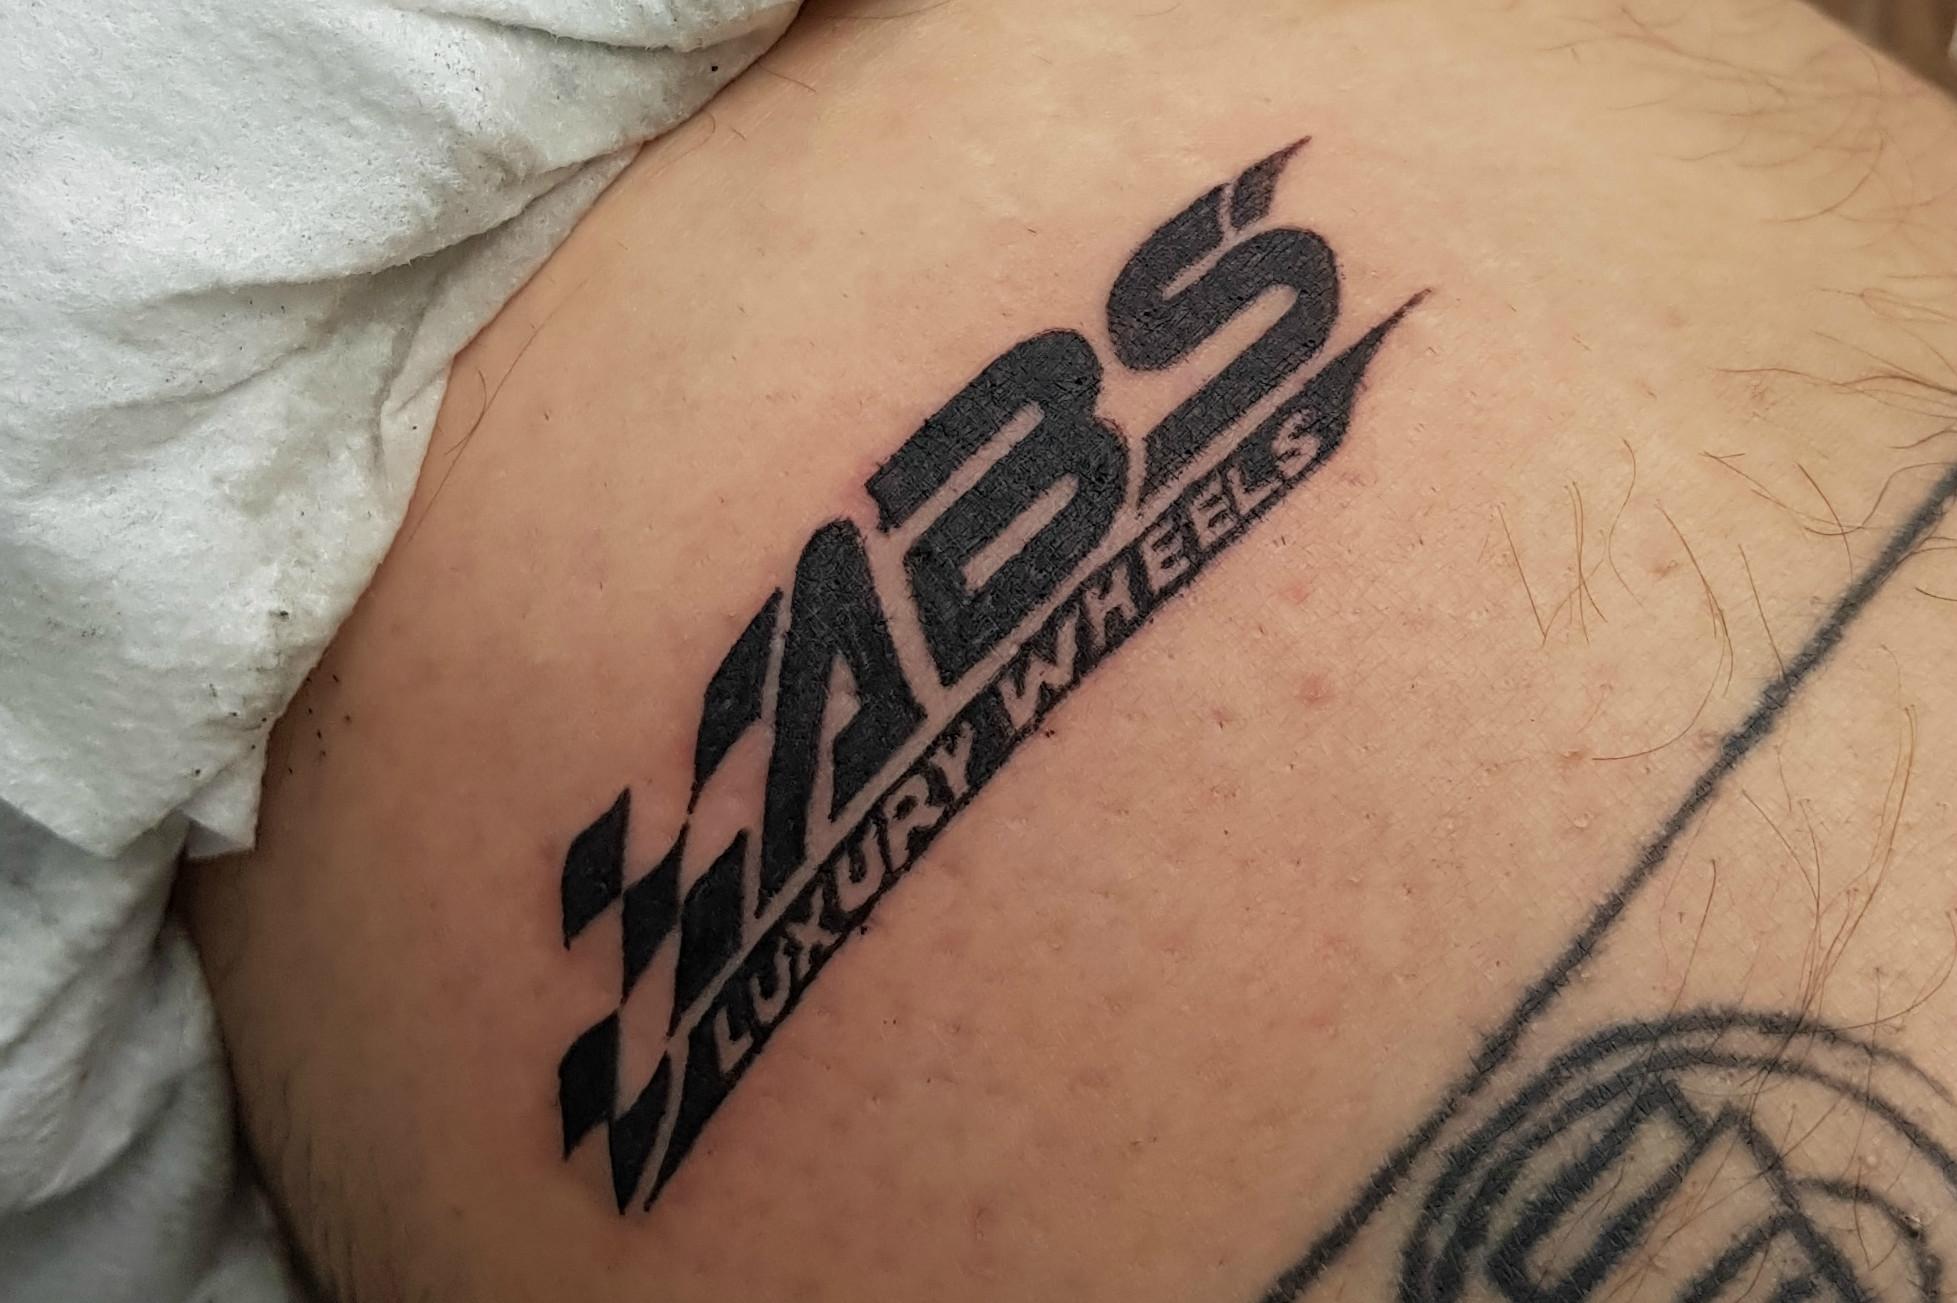 Tatuerade in e-handlares logga - fick gratis fälgar